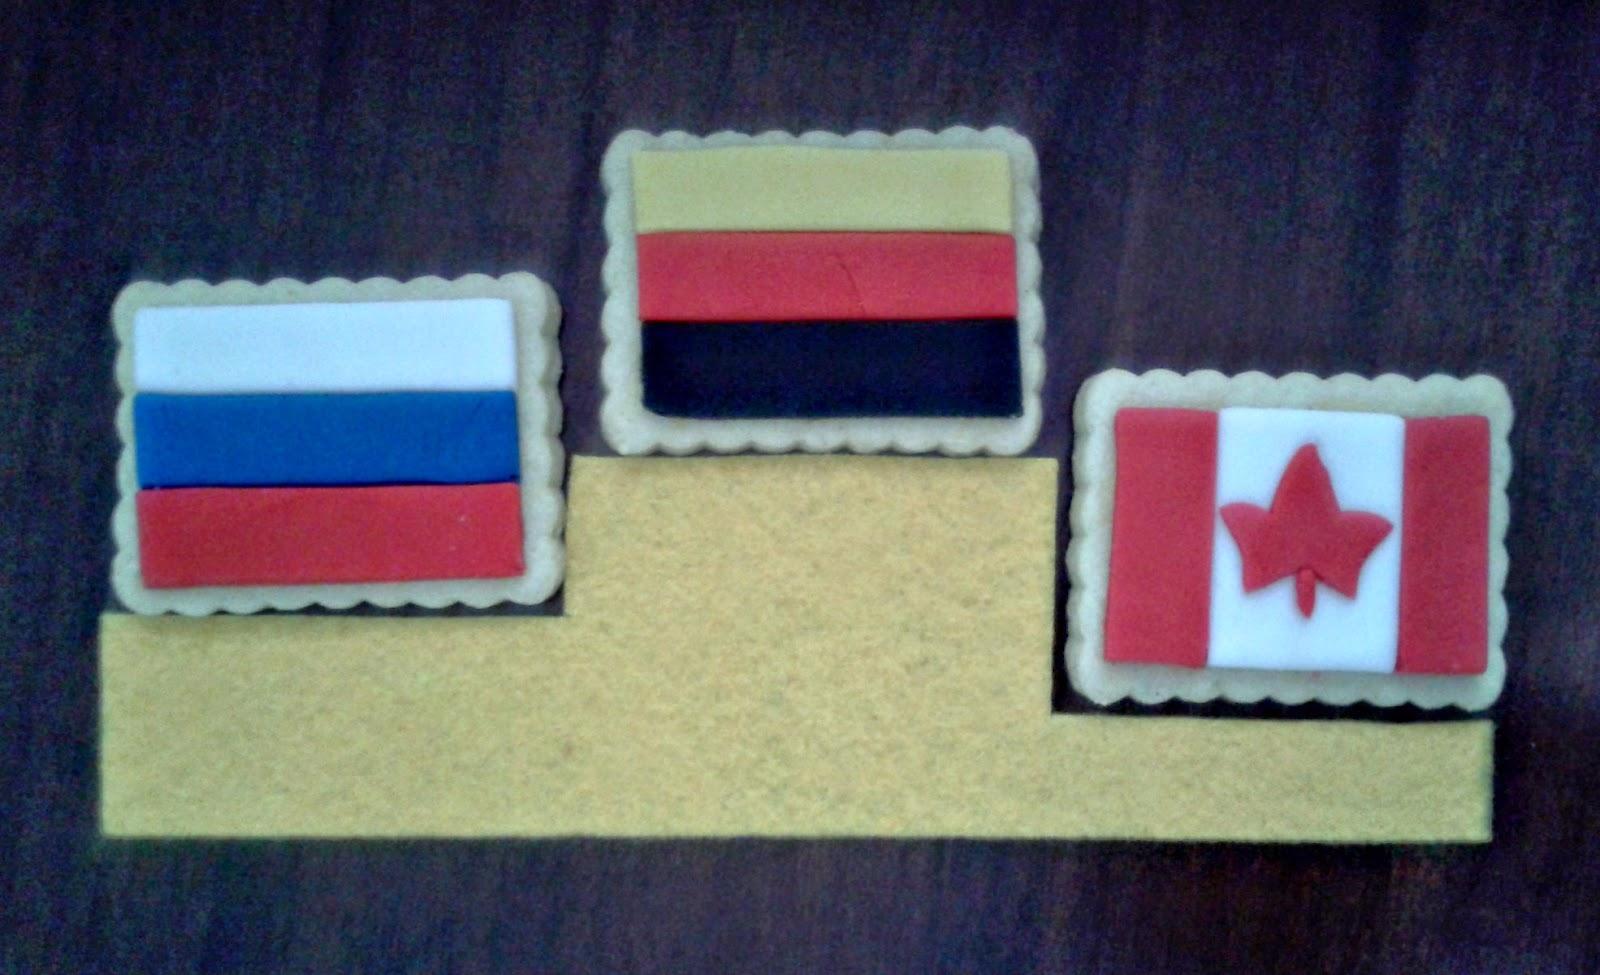 biscotti-bandiere per i mondiali di pattinaggio